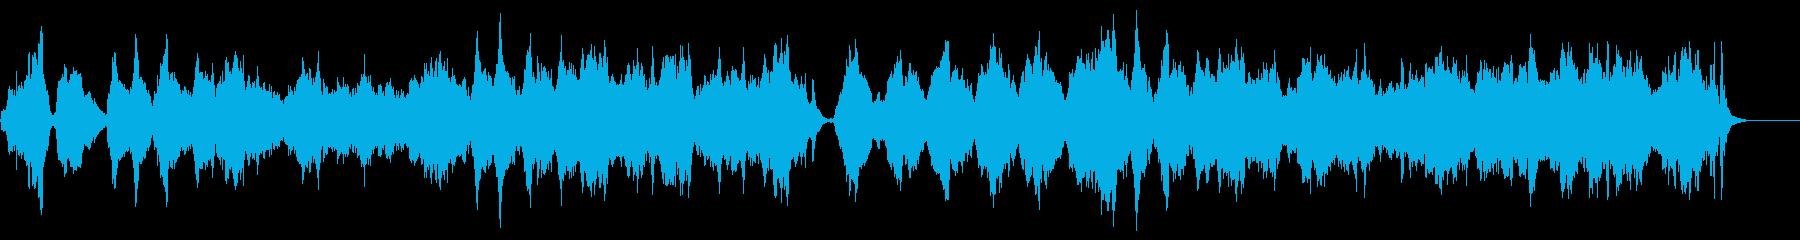 ◇ AUTUMN WALTZの再生済みの波形